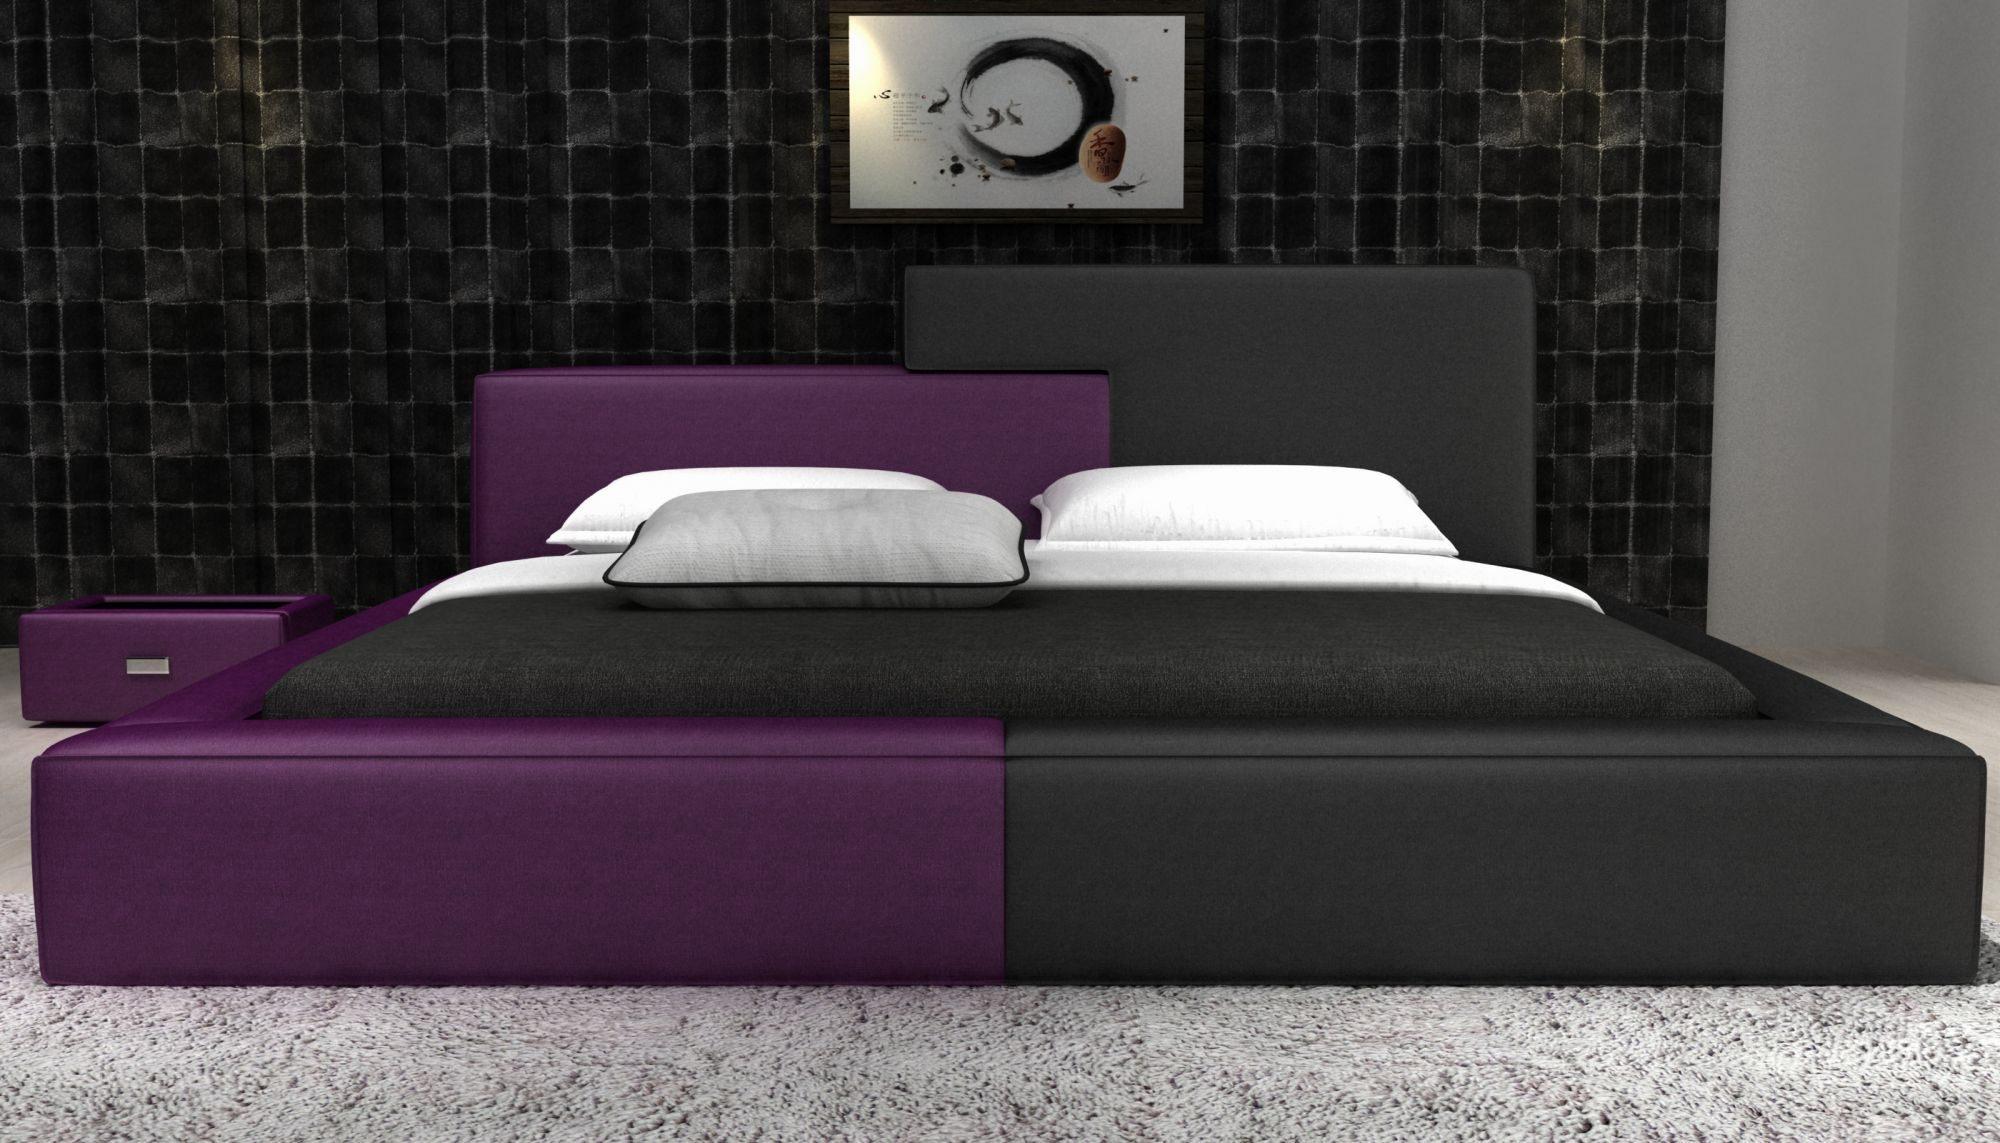 Canapé Lit Pour Dormir tous Les Jours Agréable Canapé 3 Places Fly Maha De Canapé Lit Angle Mahagranda De Home